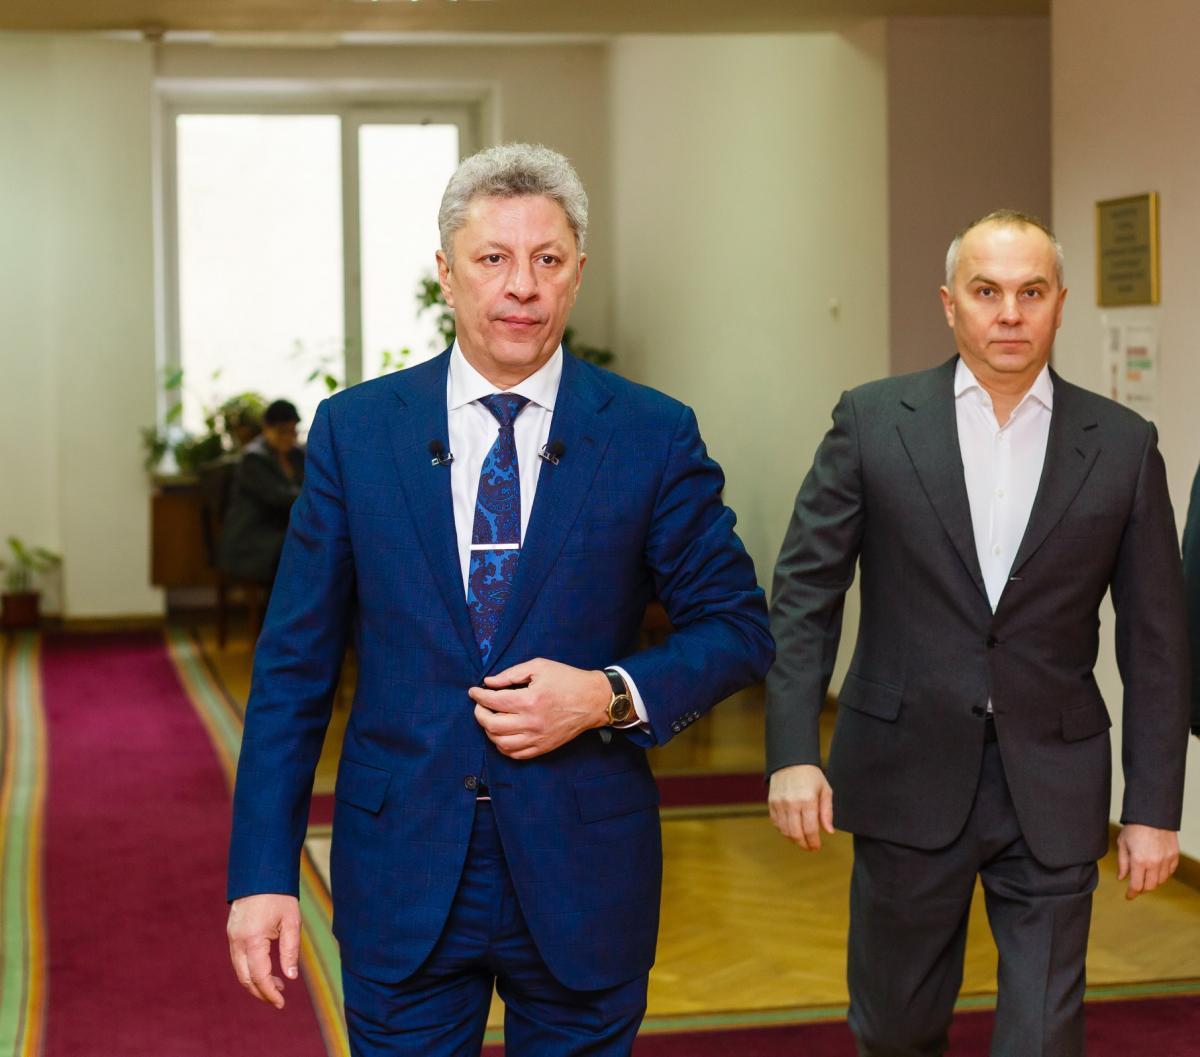 По словам Нестора Шуфрича, партия уже направила официальные предложения относительно занятия тех или иных должностей / фото пресс-службы Нестора Шуфрича